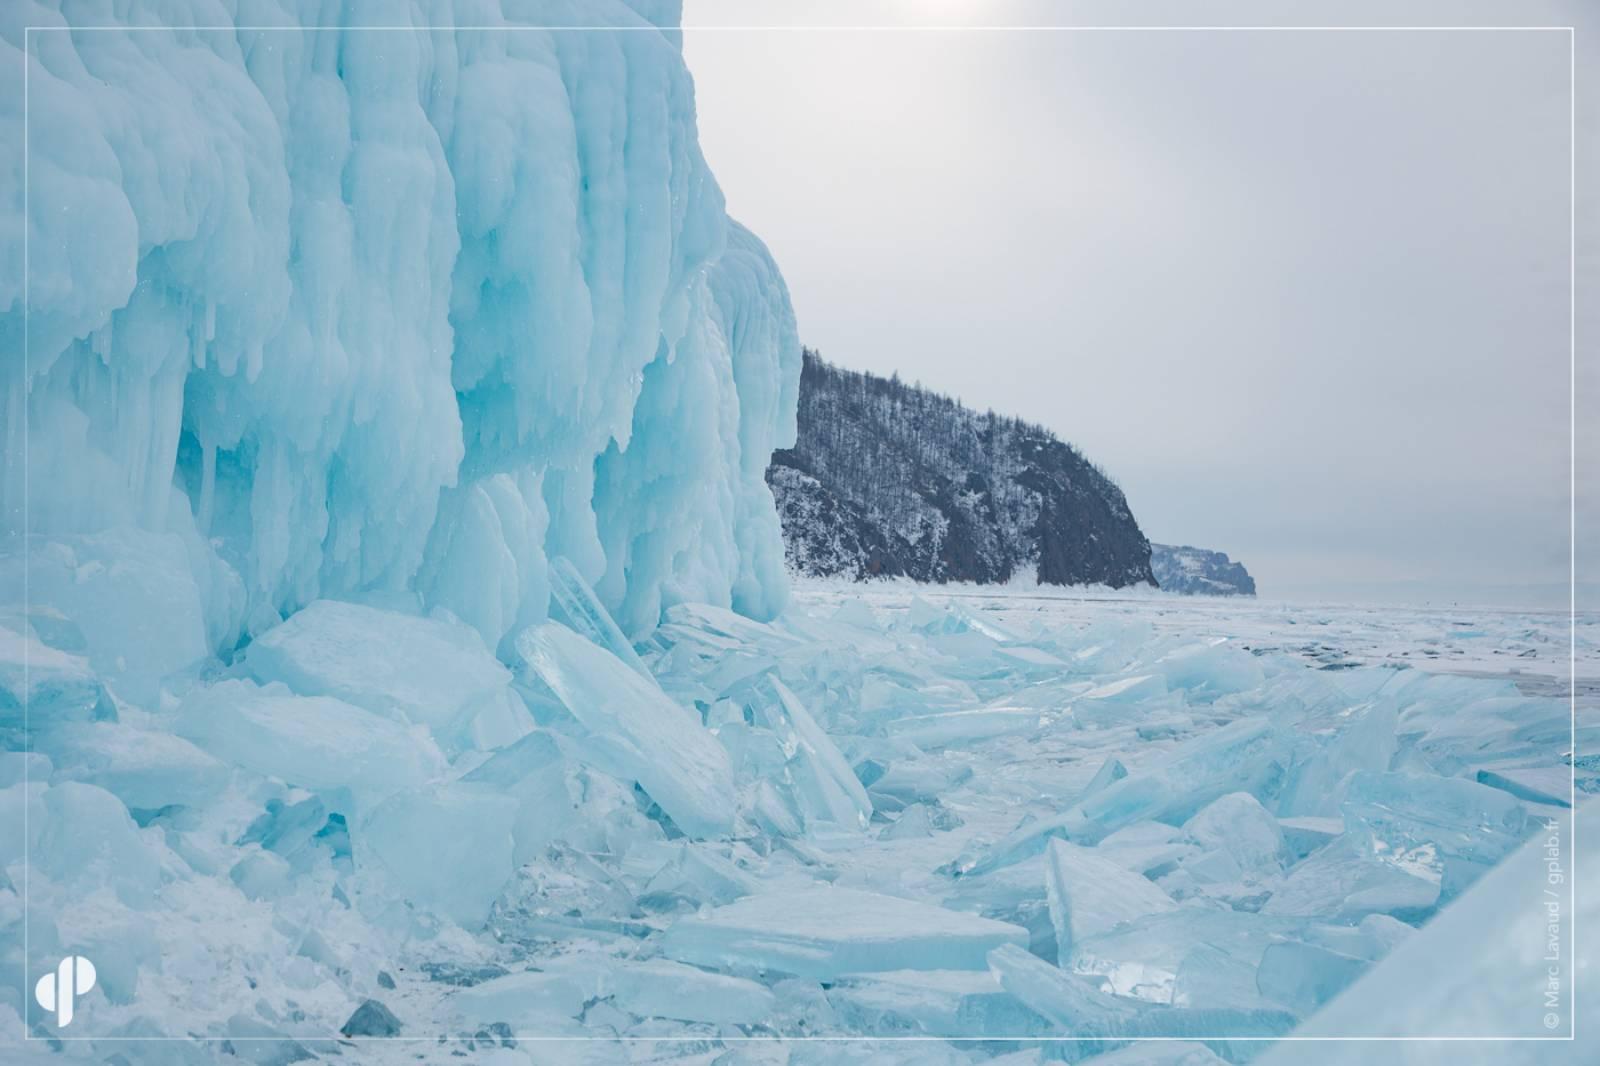 Les glaces du lac baïkal ©️ Marc Lavaud